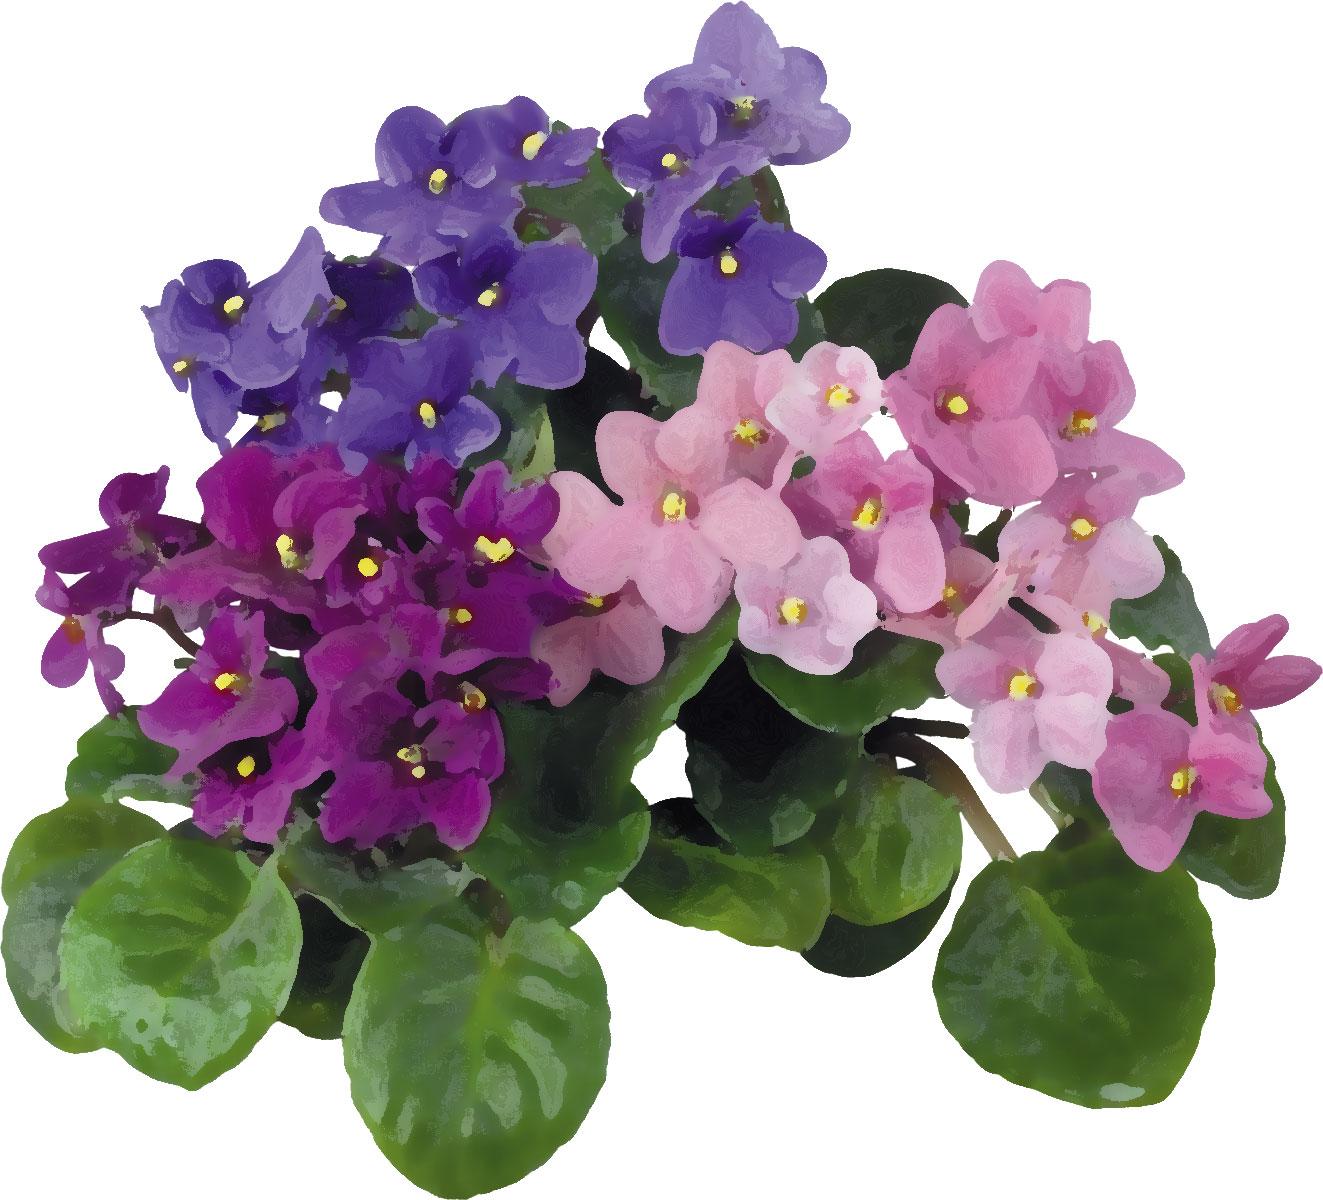 リアルタッチな花のイラストフリー素材no883スミレ青紫ピンク